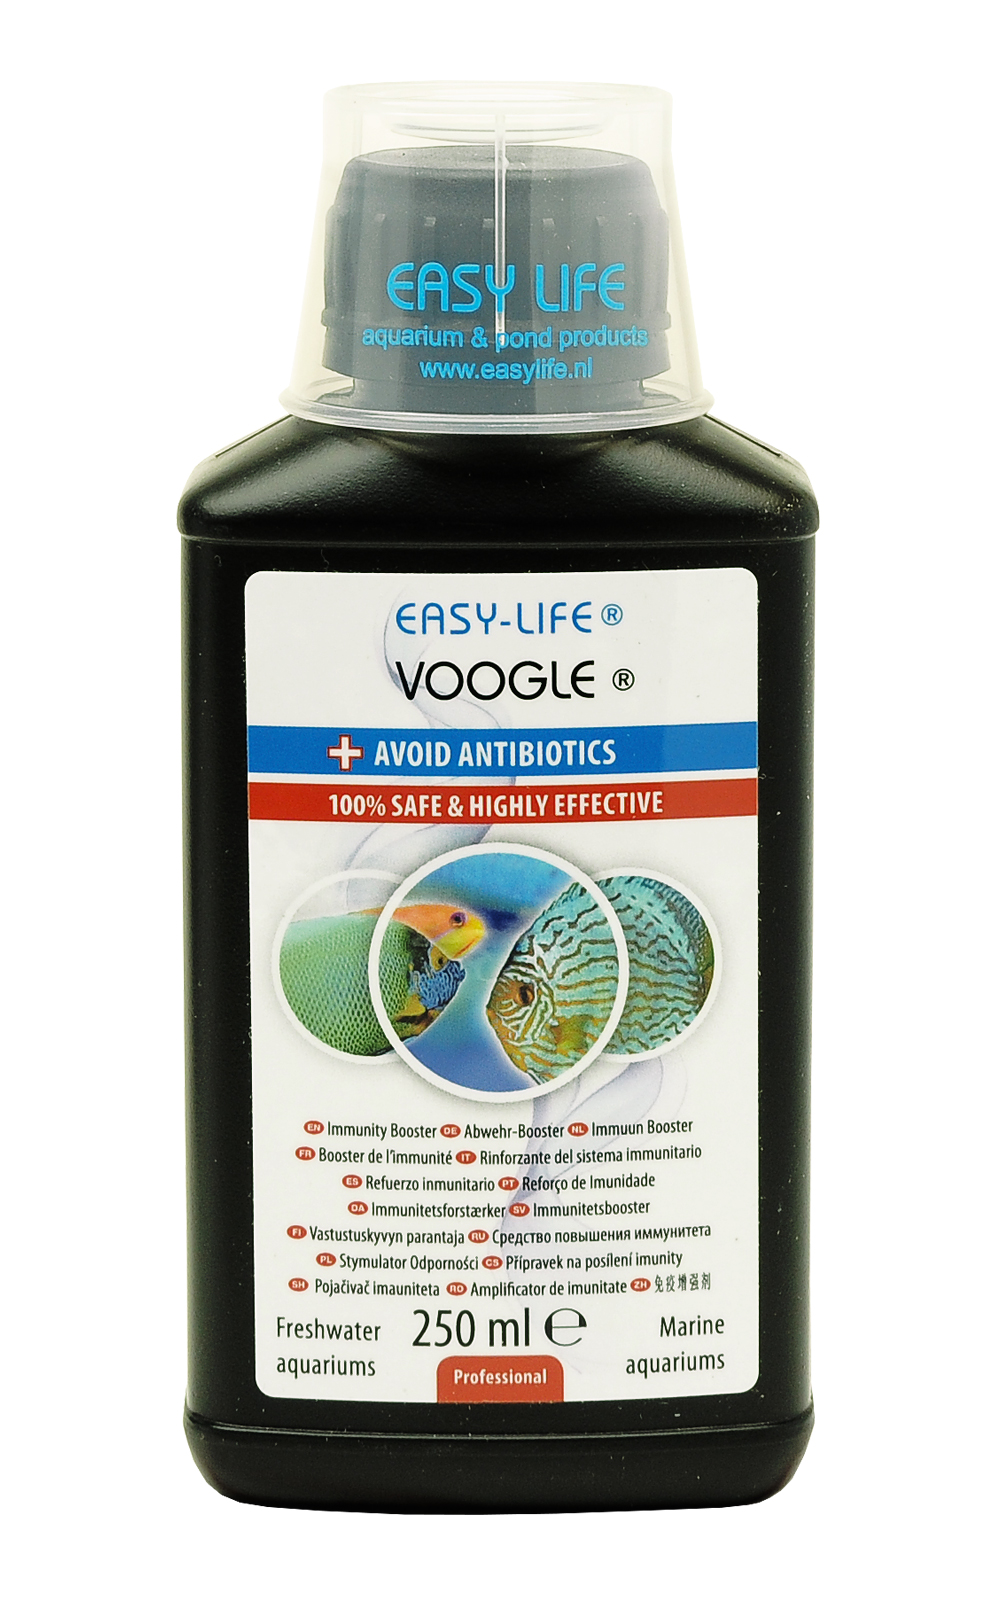 EASY-LIFE Voogle 250ml soin préventif naturel qui réduit les risques de maladie chez les poissons